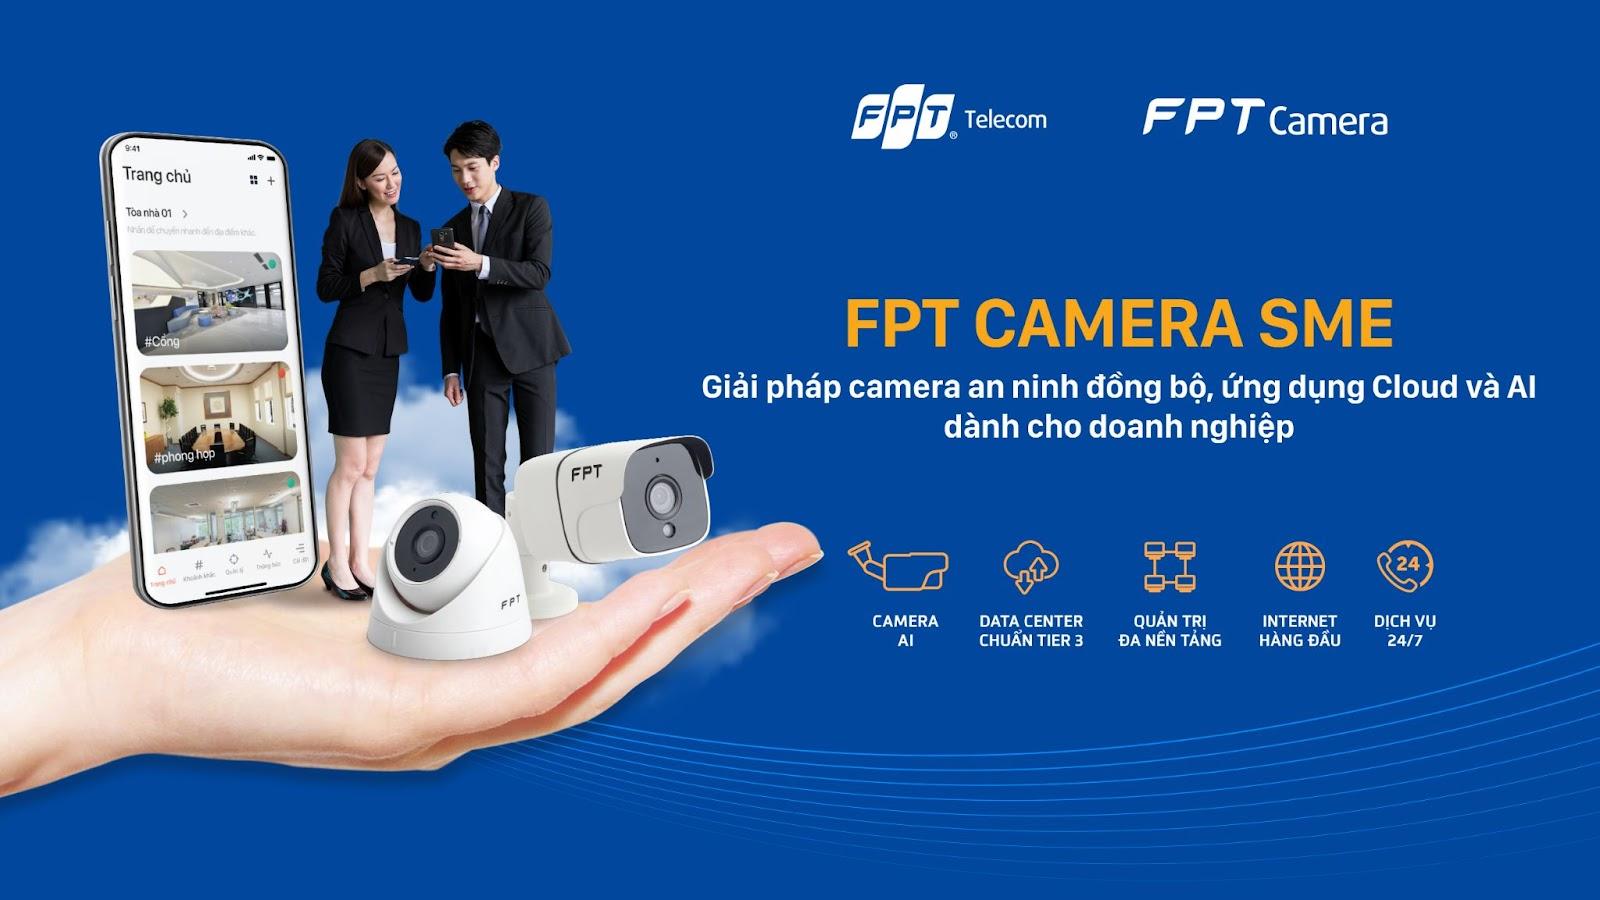 FPT Camera SME - Giải pháp camera an ninh cho doanh nghiệp vừa và nhỏ